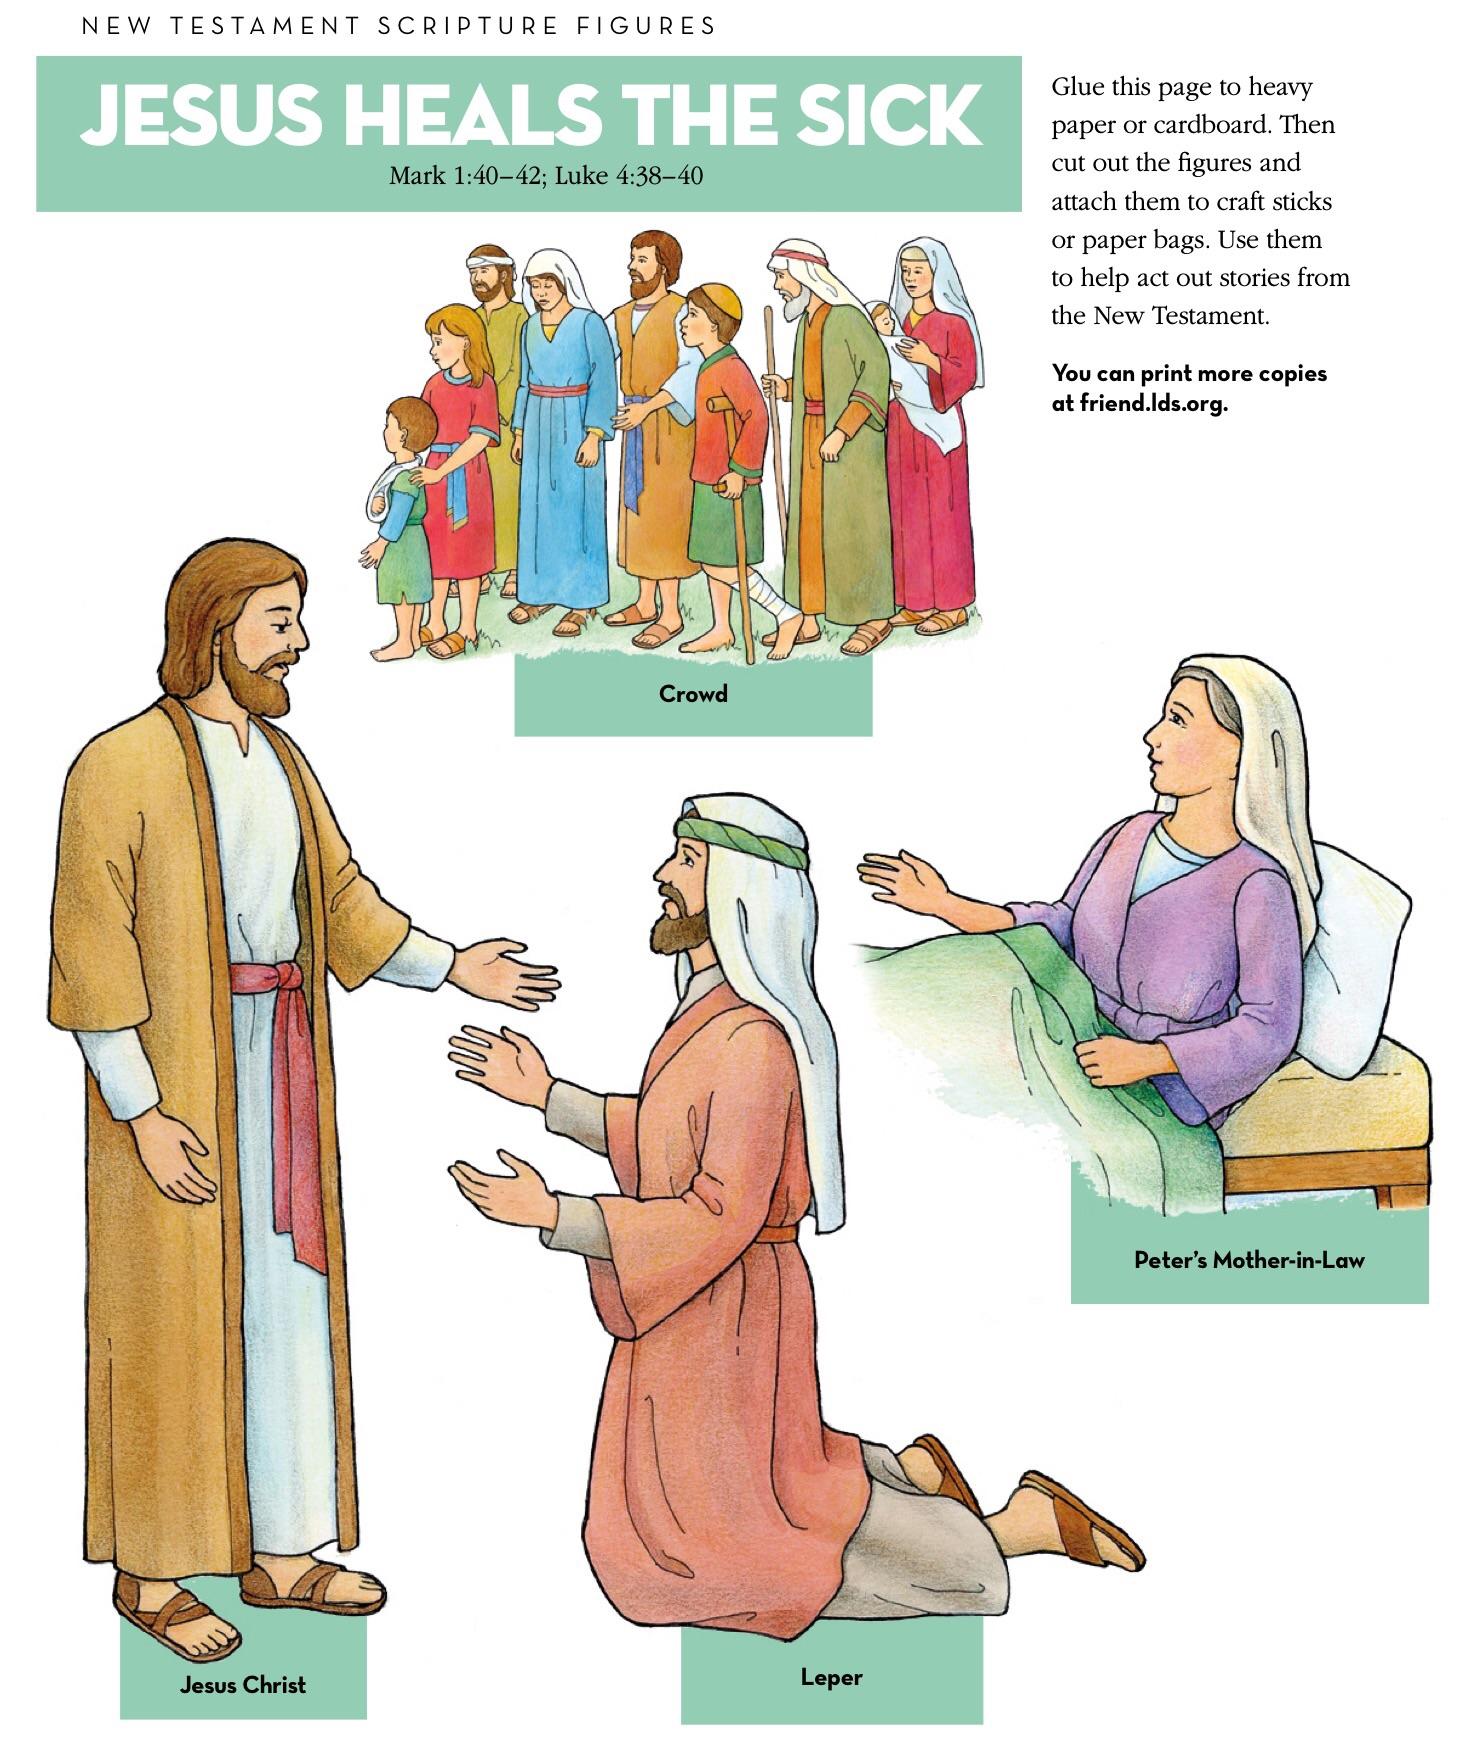 Bibel Krippe Neuen Testament, Malbuch, Kind - Schule Saison Aktivitäten png  herunterladen - 795*1003 - Kostenlos transparent Menschliches Verhalten png  Herunterladen.